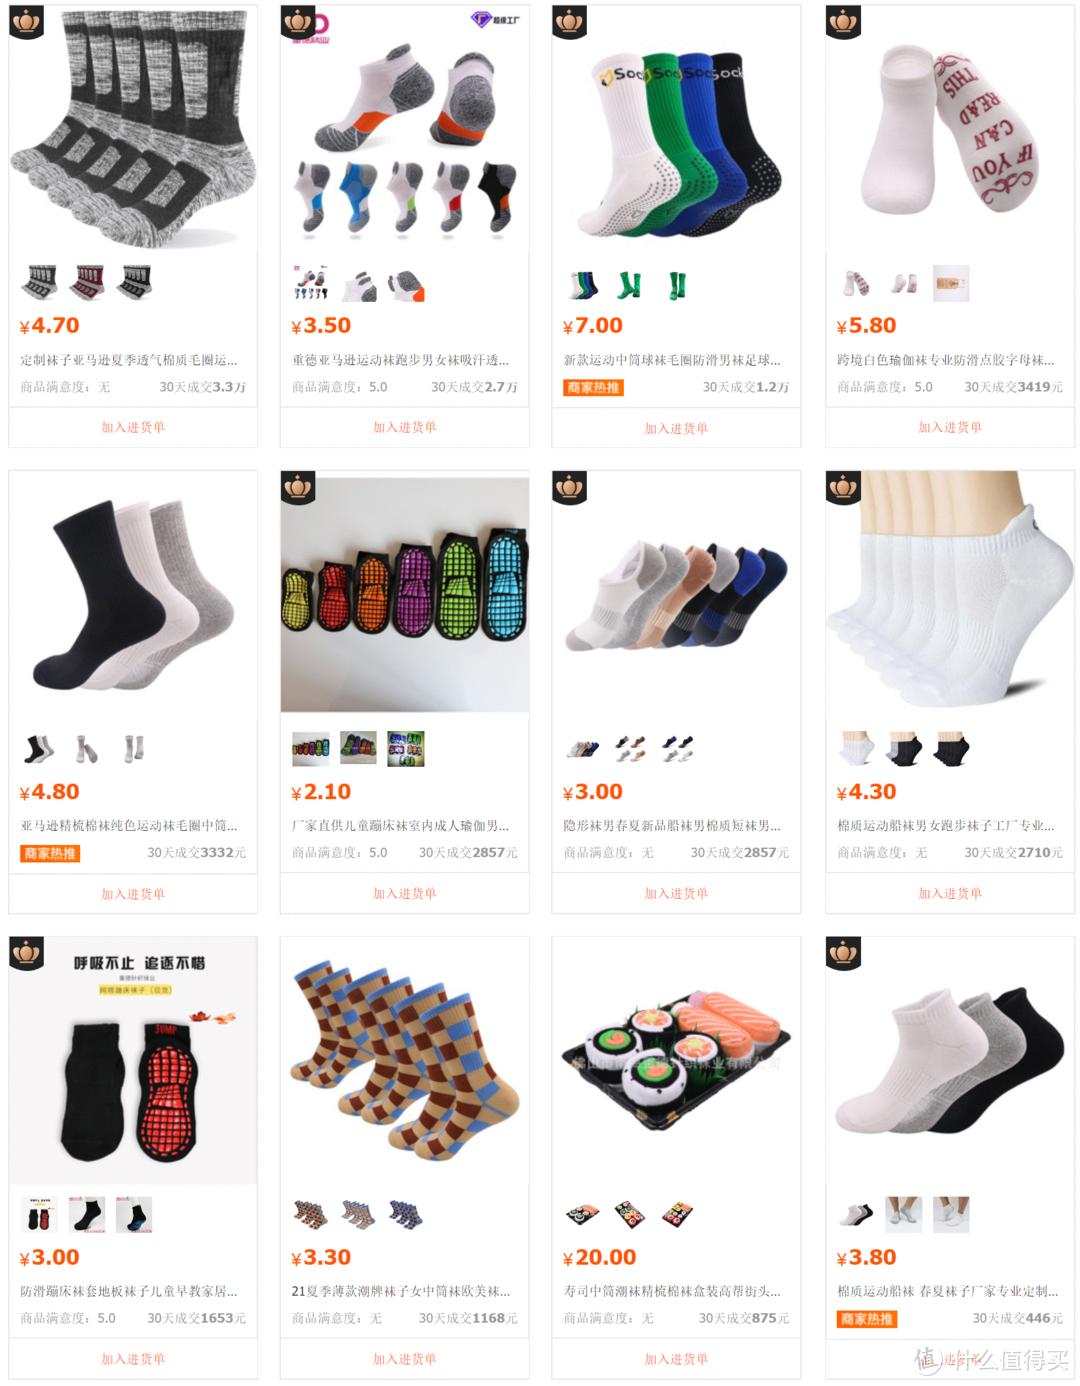 1688上袜子代工厂!纯棉透气袜、商务袜、毛巾袜、日系袜推荐!值得收藏的一篇